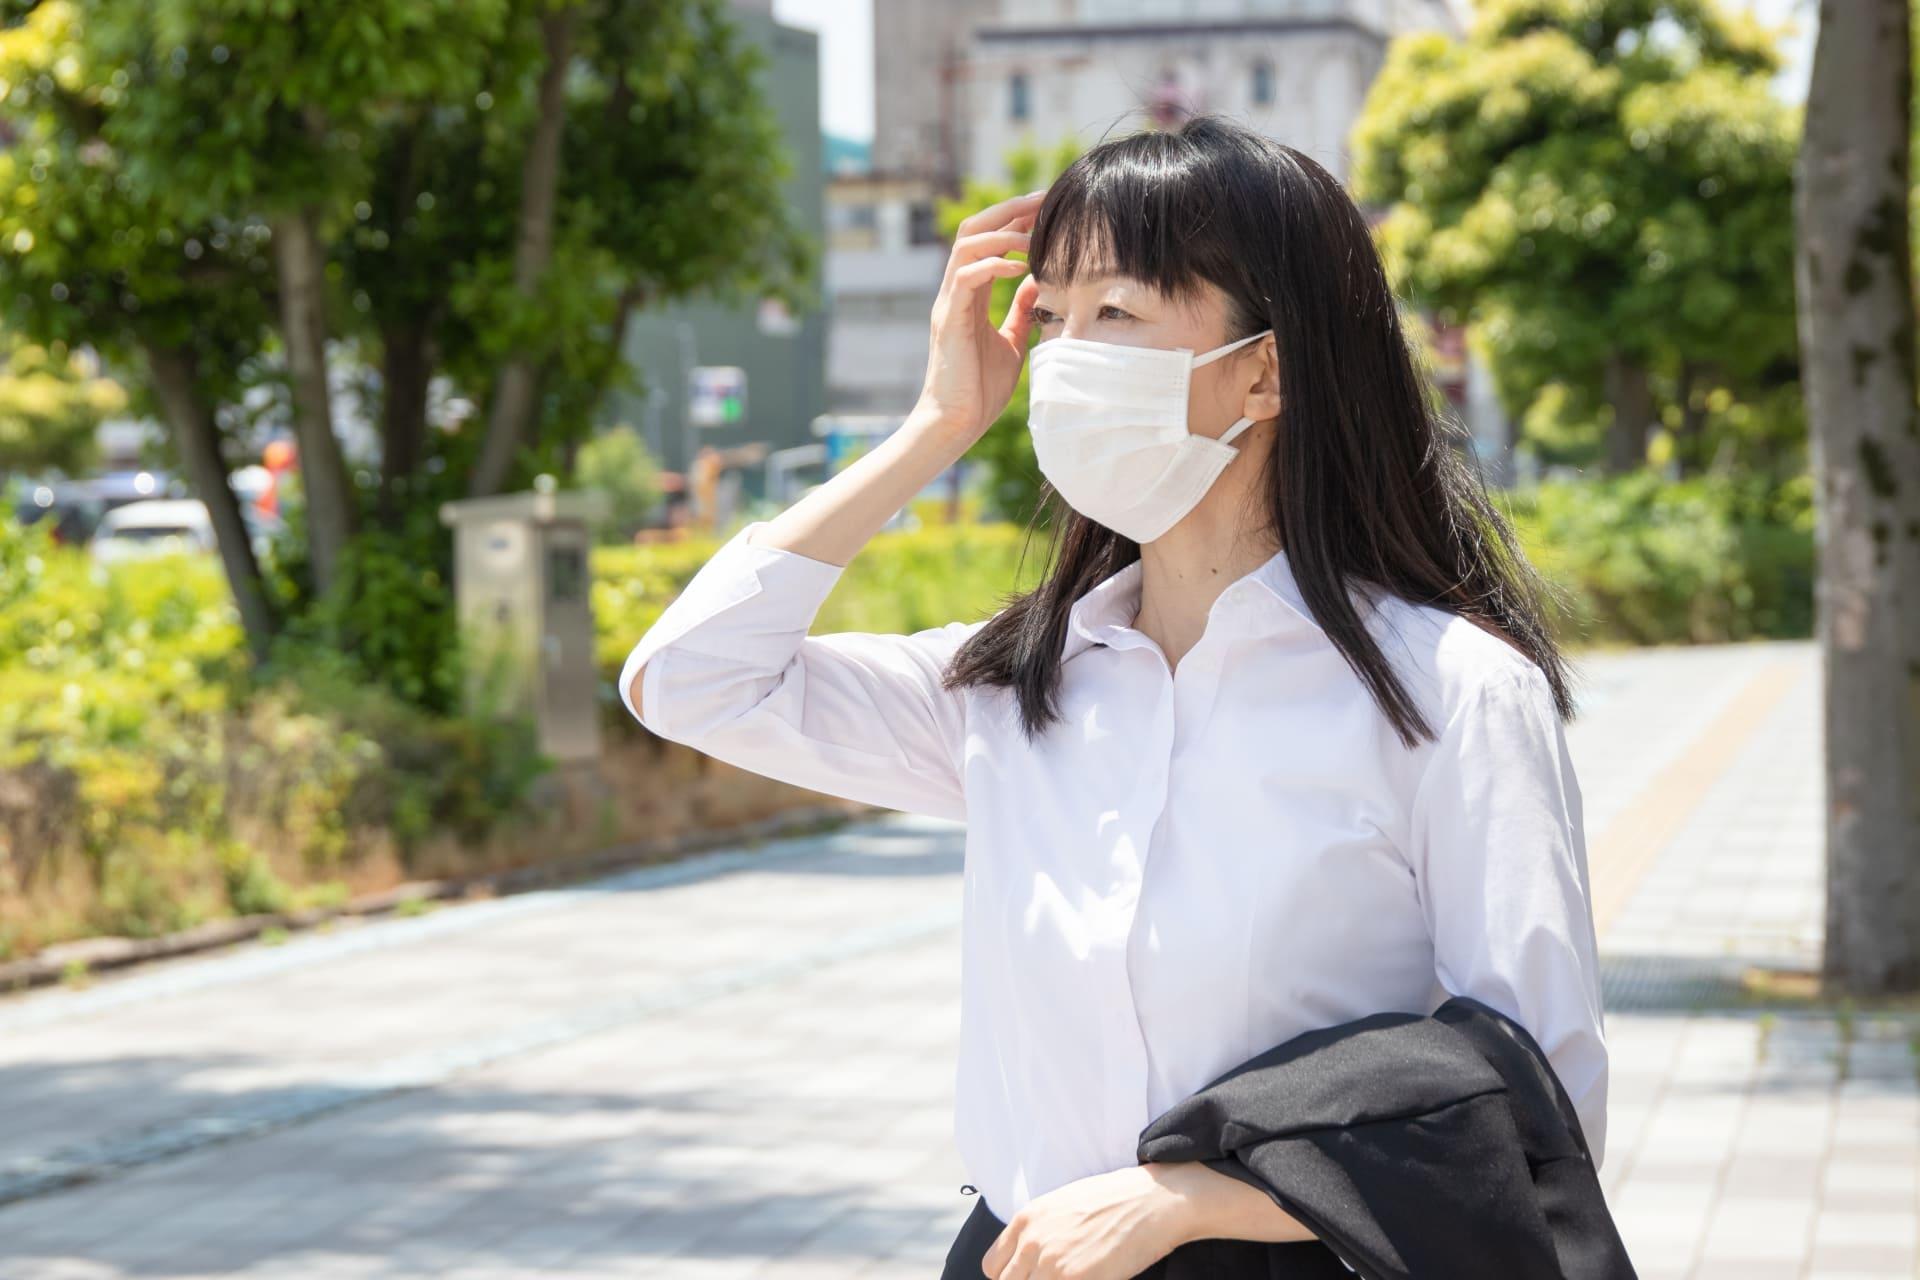 【産業医監修】職場における熱中症対策どうする?マスク着用で高まるリスクとは